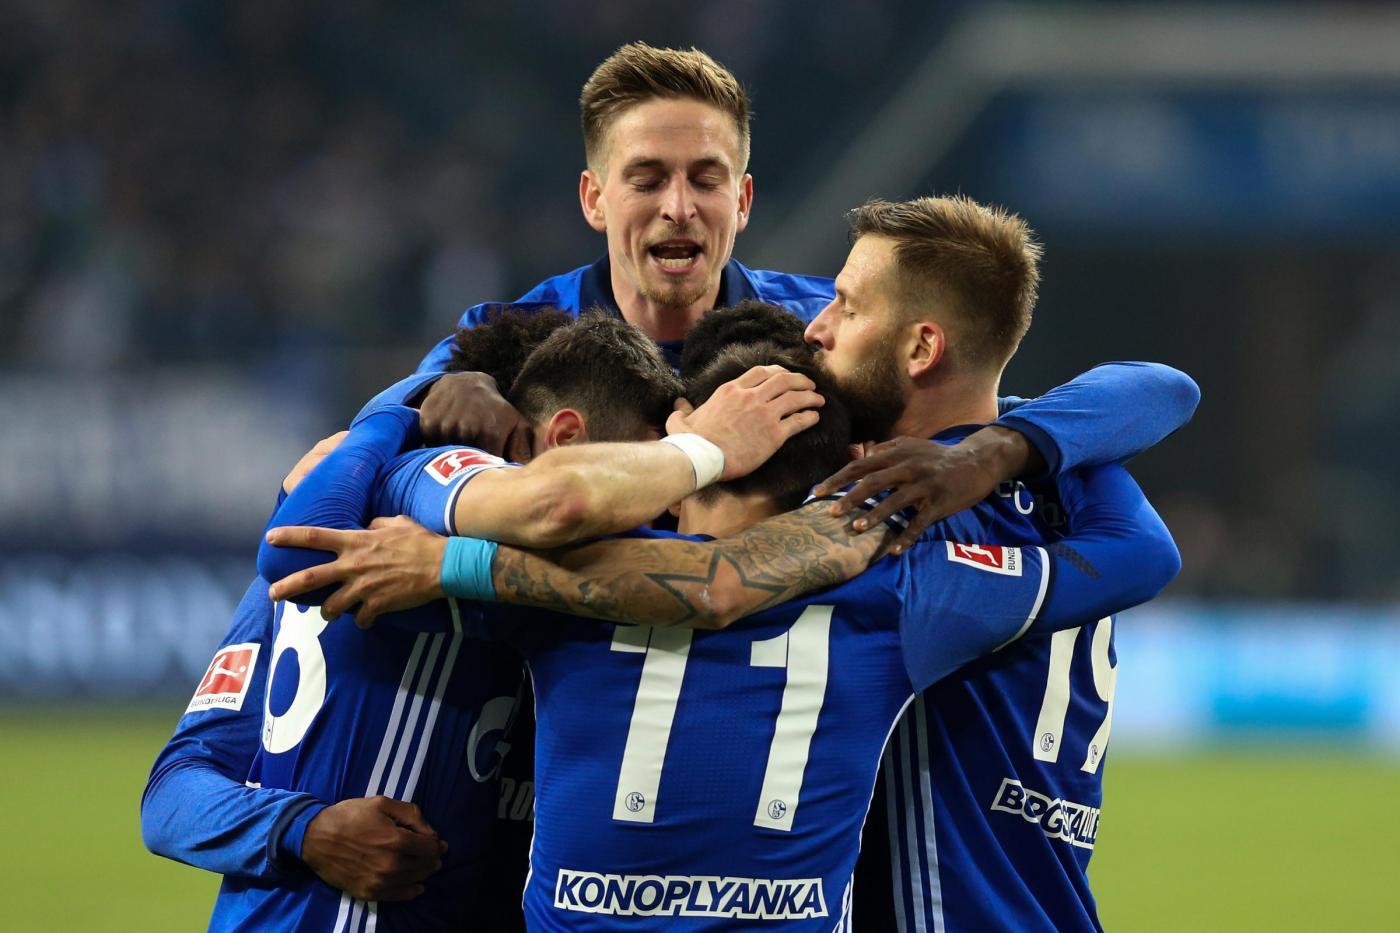 Bundesliga, Friburgo-Schalke 25 settembre: analisi e pronostico della giornata della massima divisione calcistica tedesca